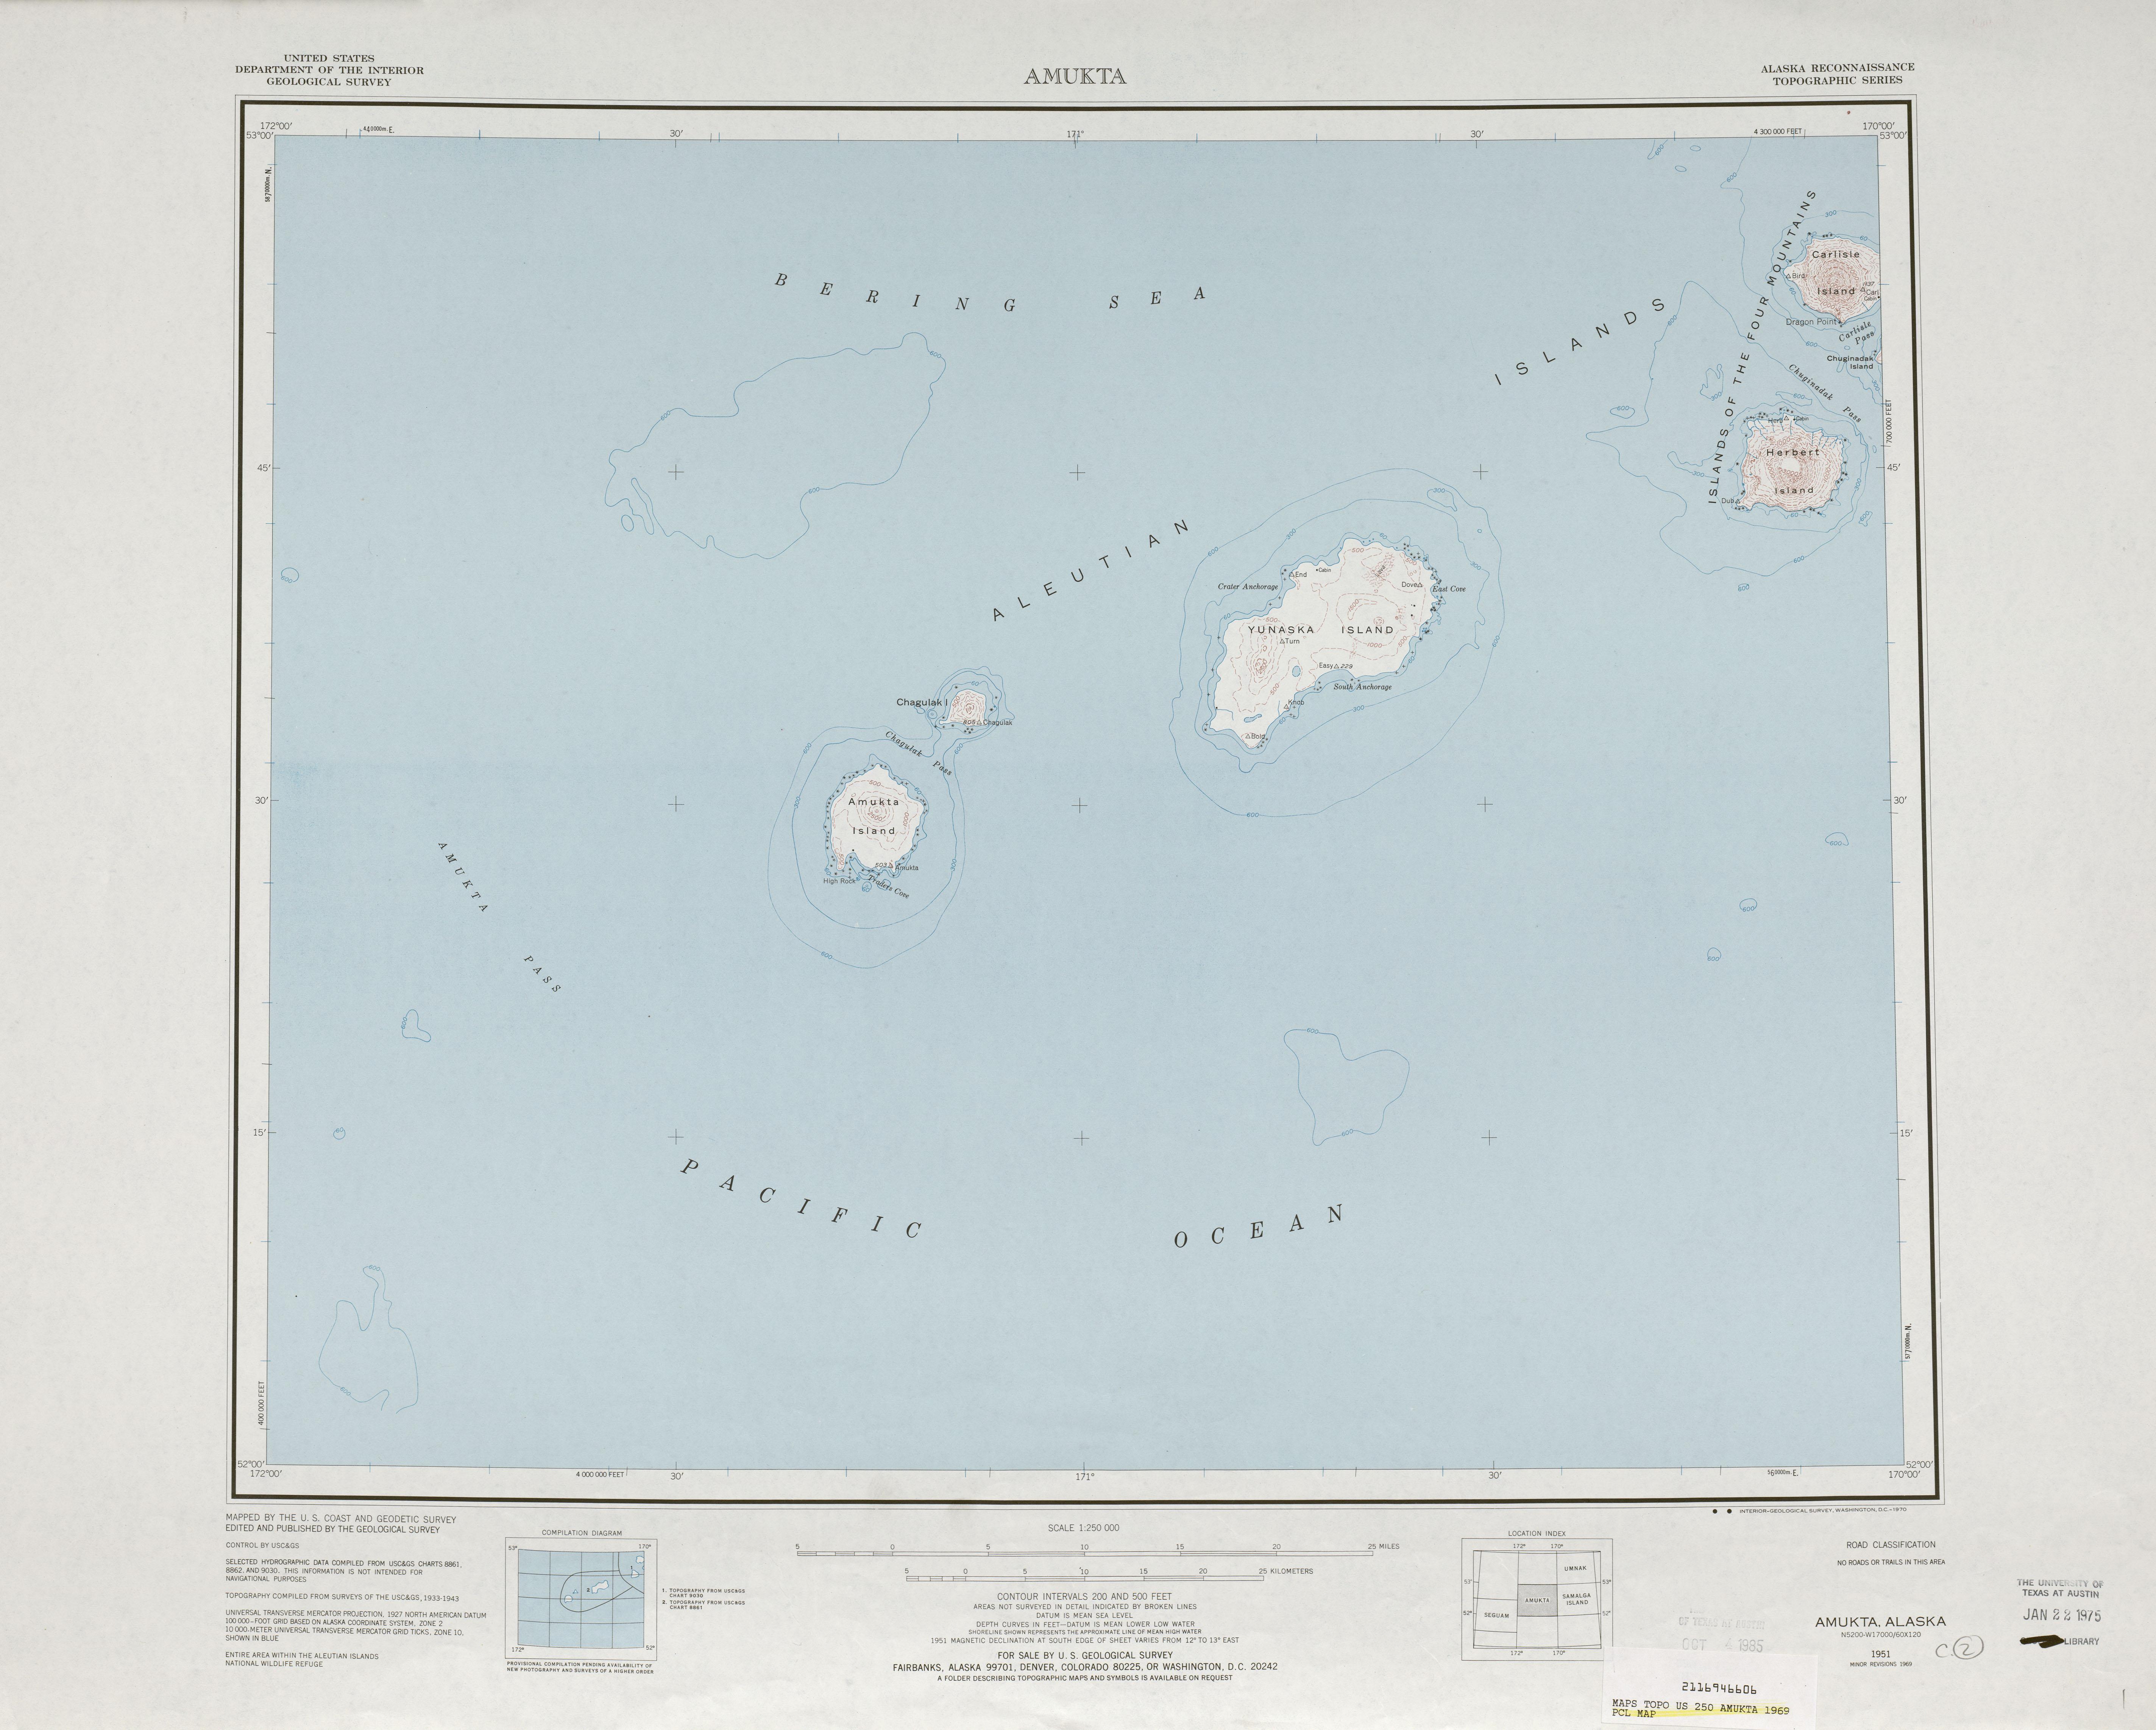 Hoja Amukta del Mapa Topográfico de los Estados Unidos 1969